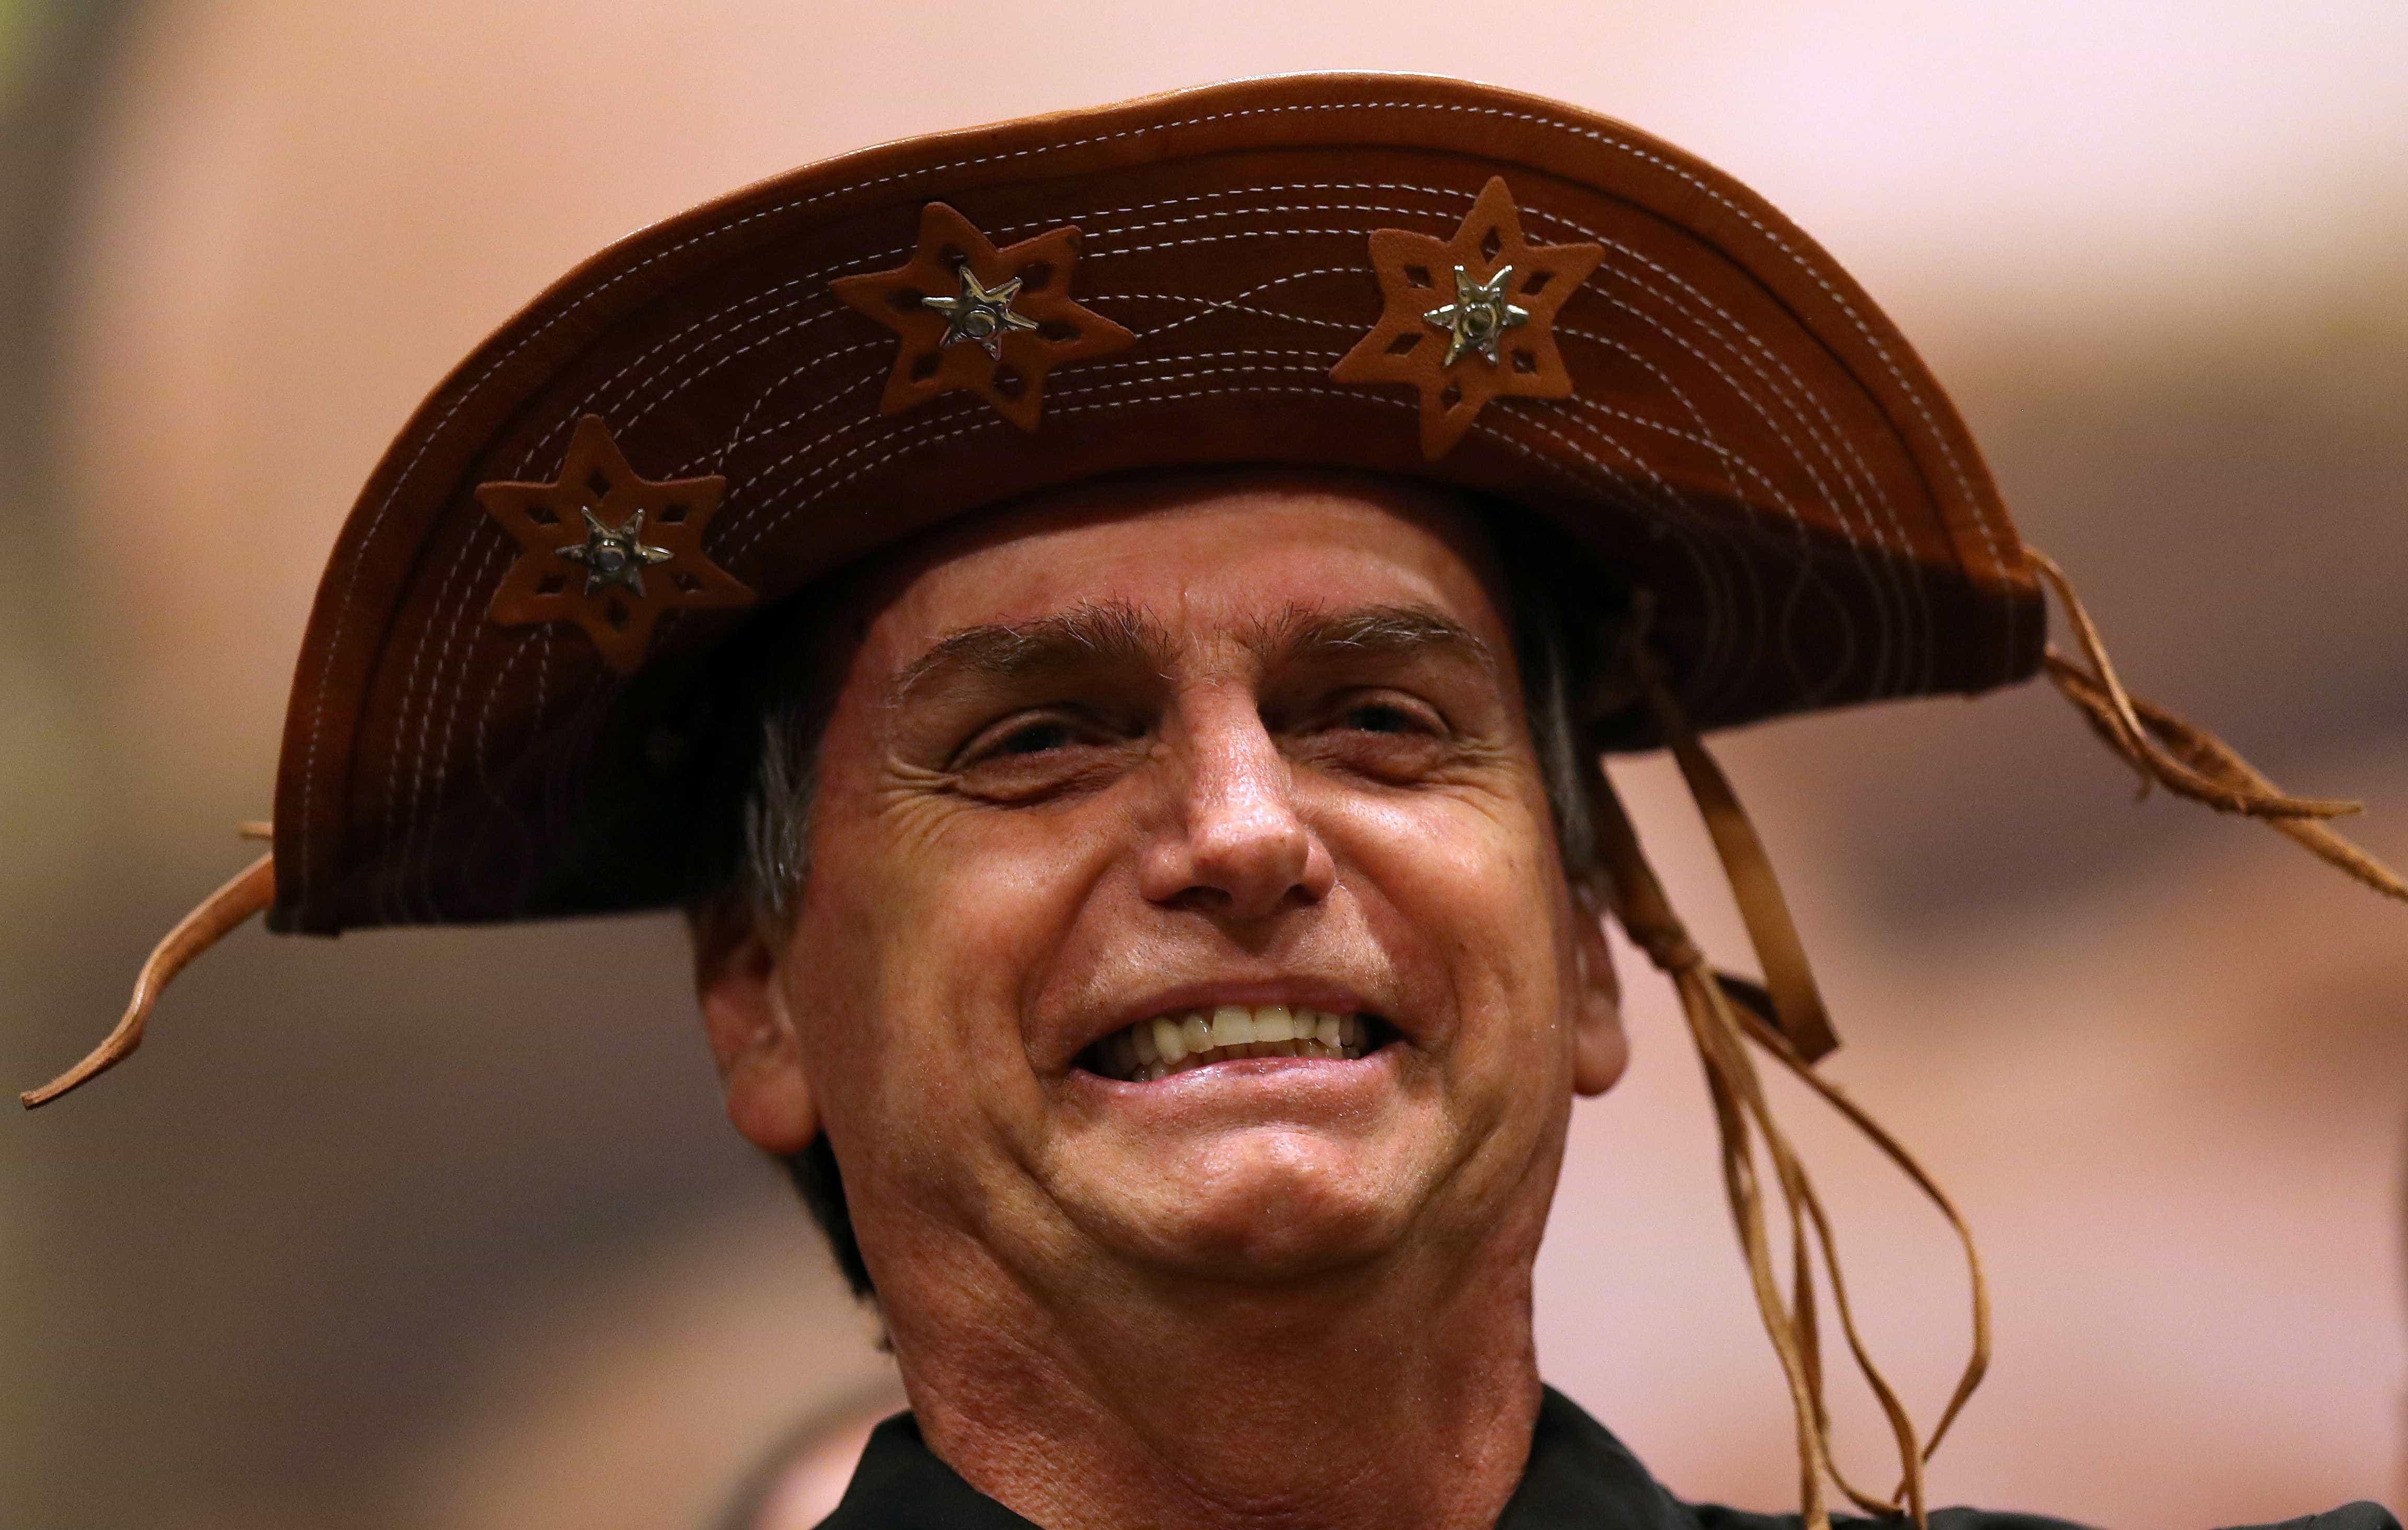 Confirmado: Bolsonaro não vai a nenhum debate no segundo turno